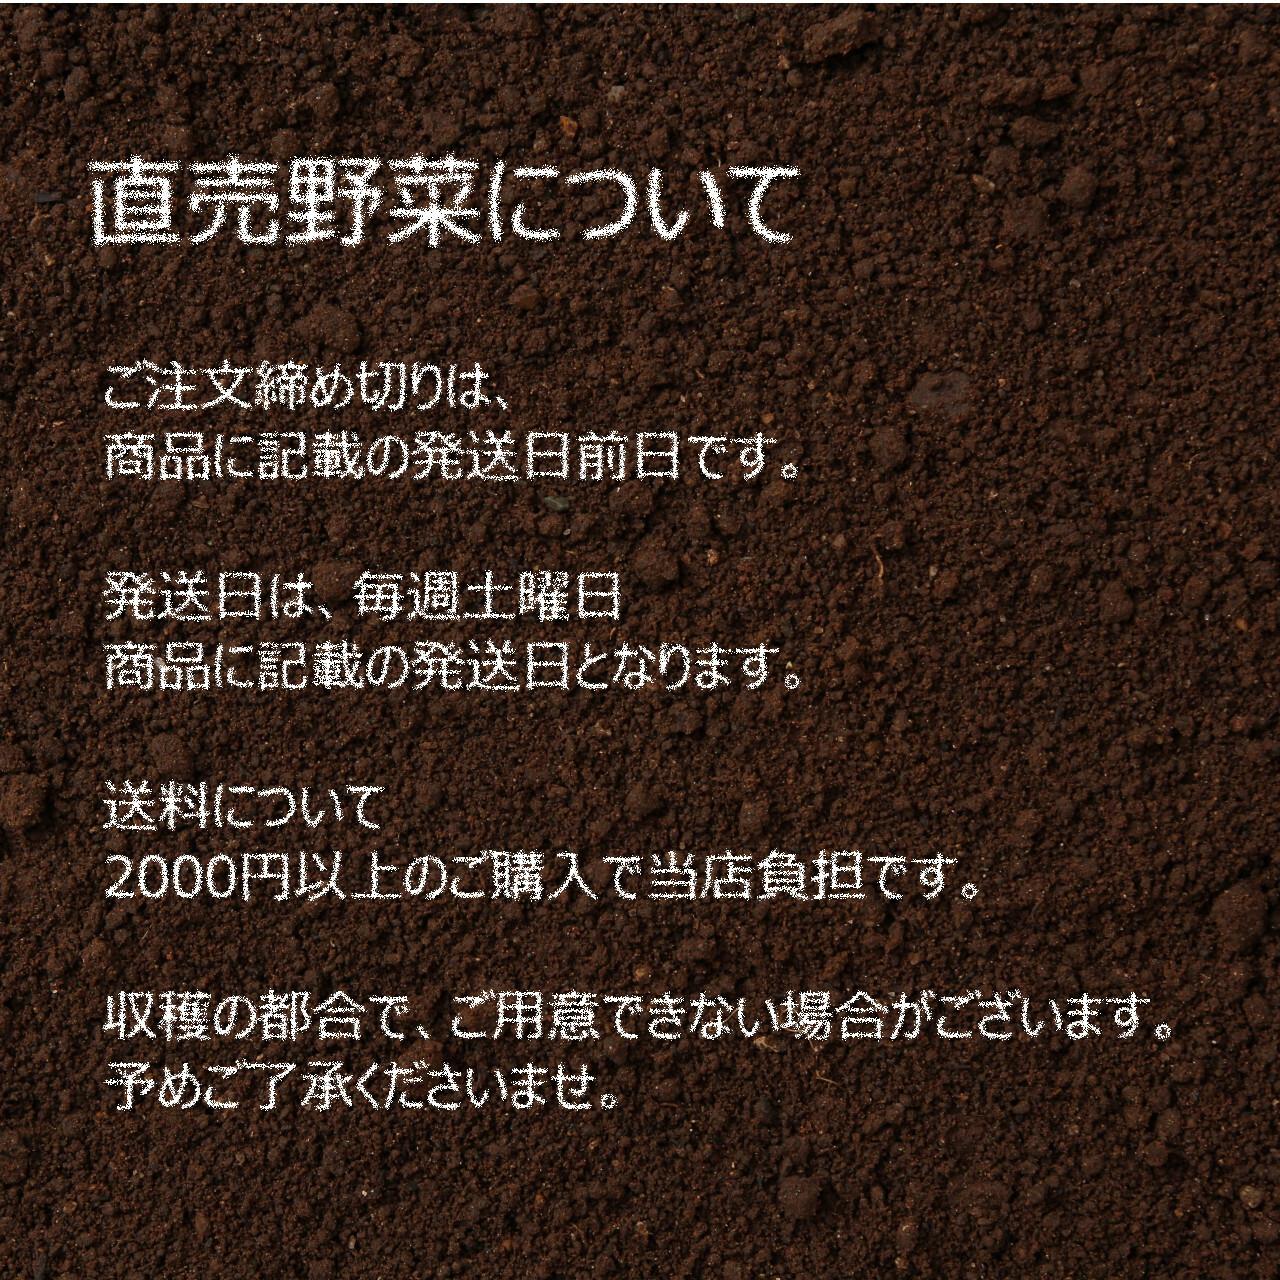 10月の朝採り直売野菜 : 春菊 約300g 新鮮な秋野菜 10月19日発送予定